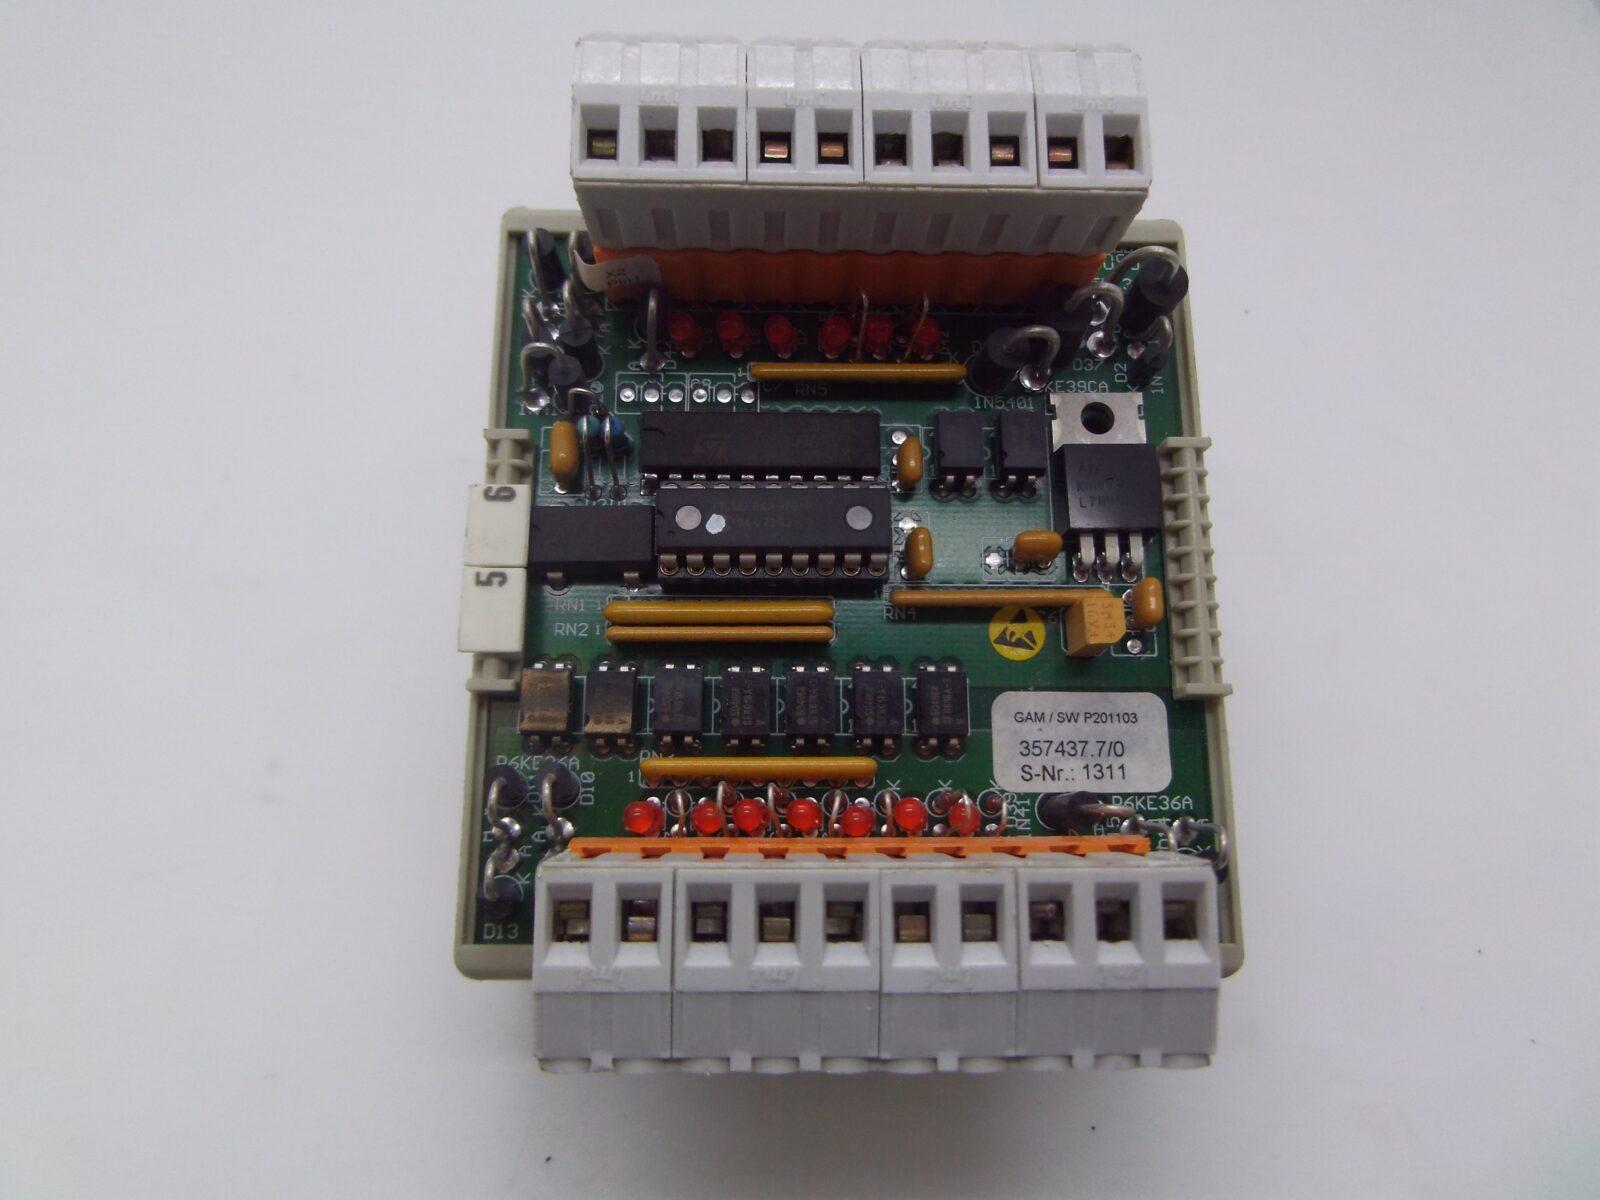 Blower Control Module HDM: F6.170.0721